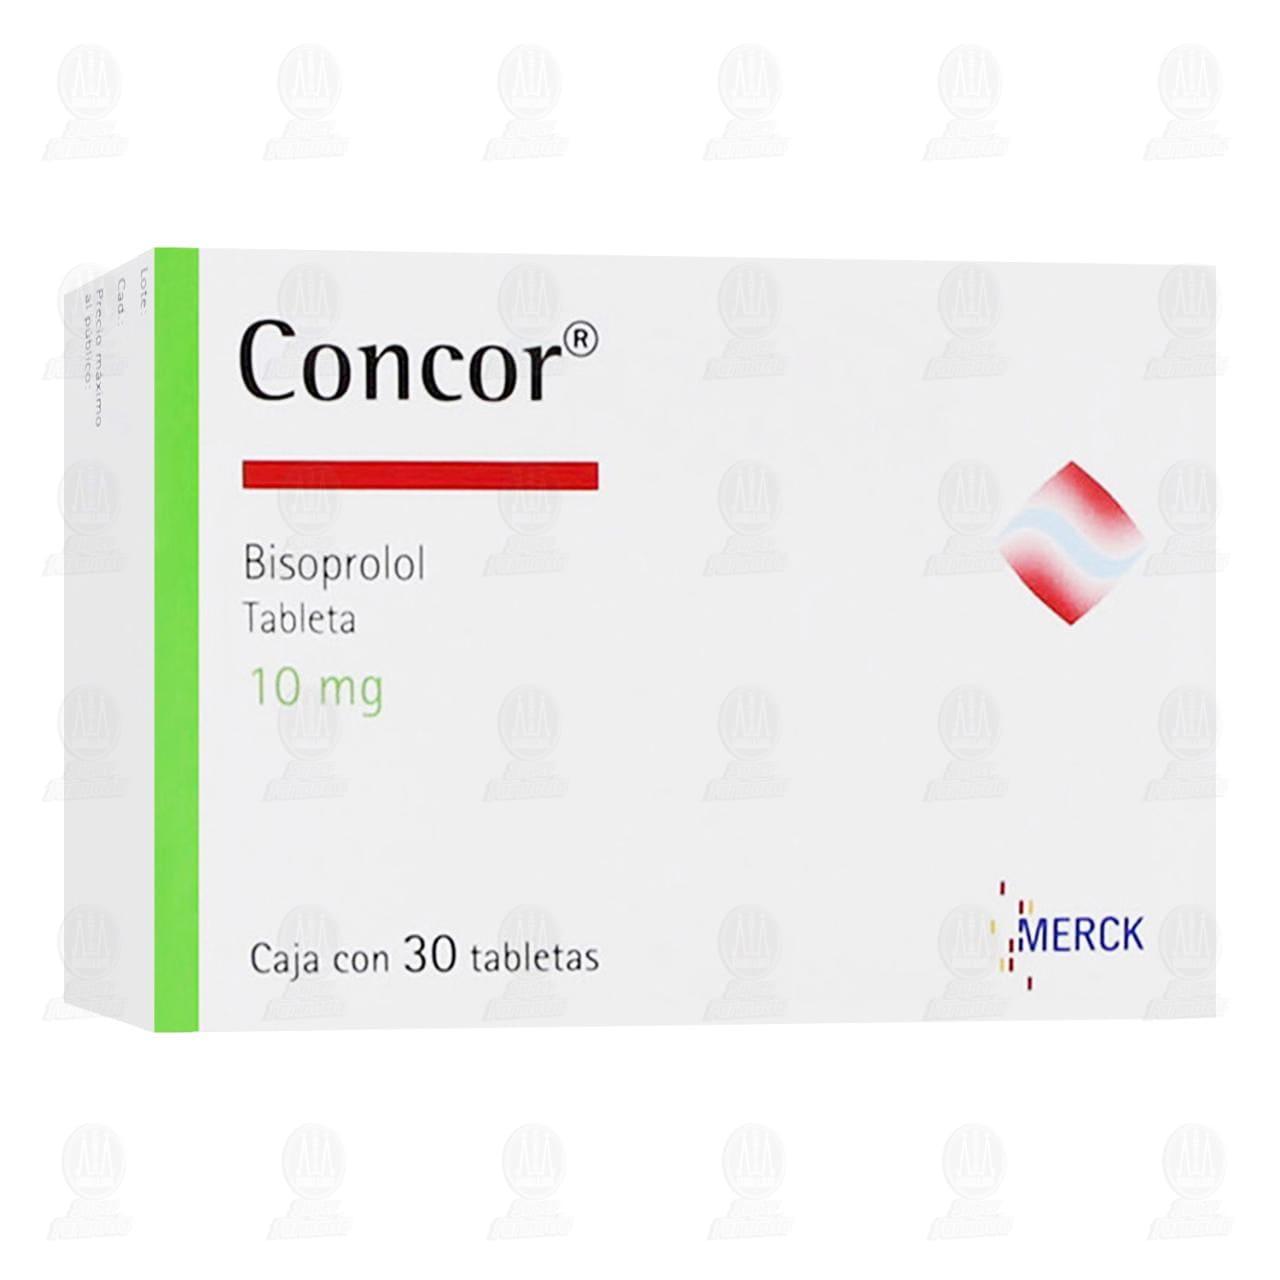 comprar https://www.movil.farmaciasguadalajara.com/wcsstore/FGCAS/wcs/products/947067_A_1280_AL.jpg en farmacias guadalajara